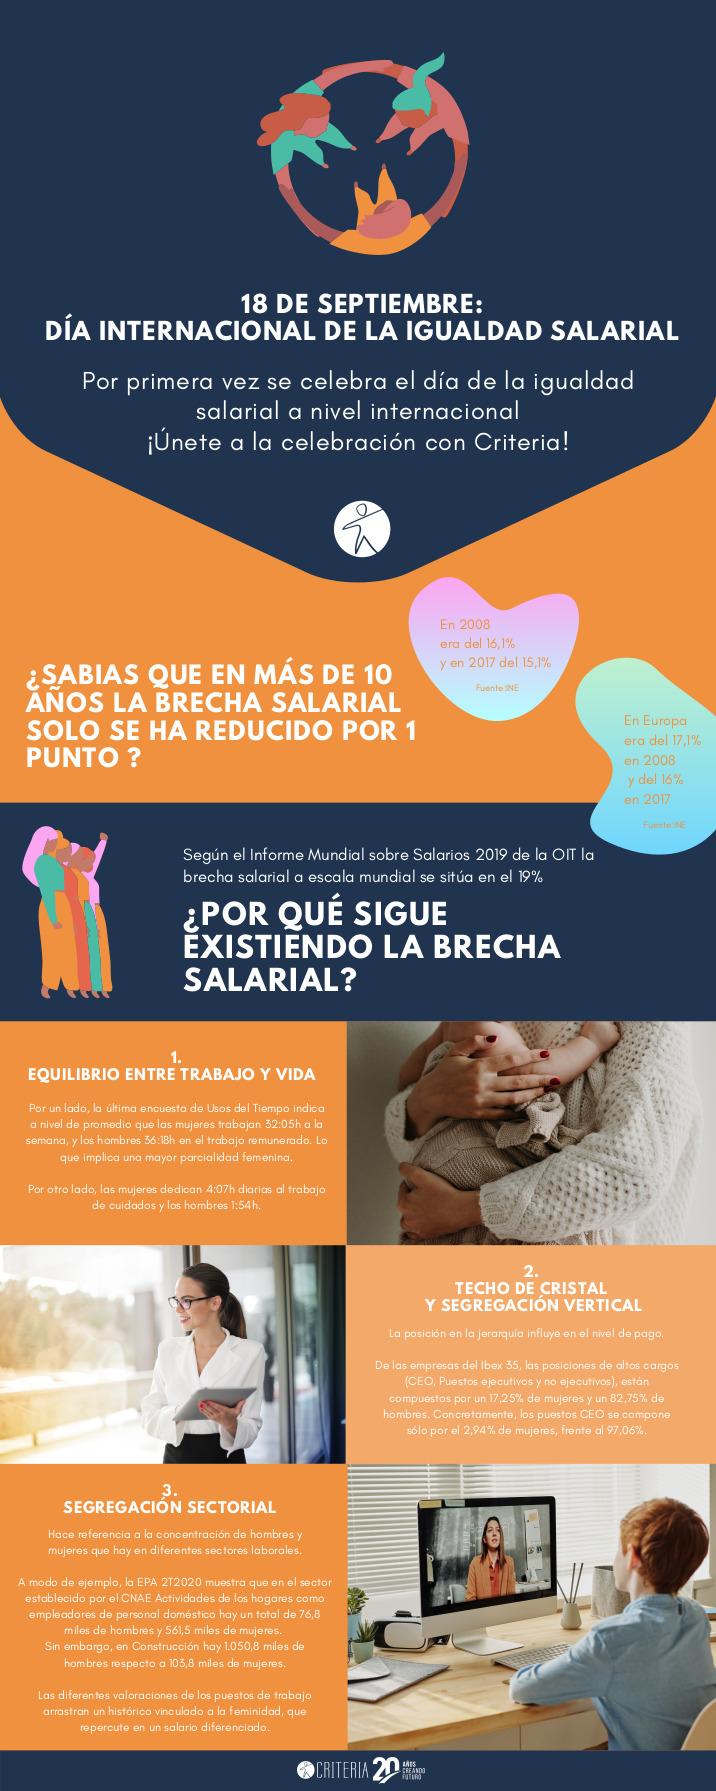 Infografía Día Internacional de la Igualdad Salarial